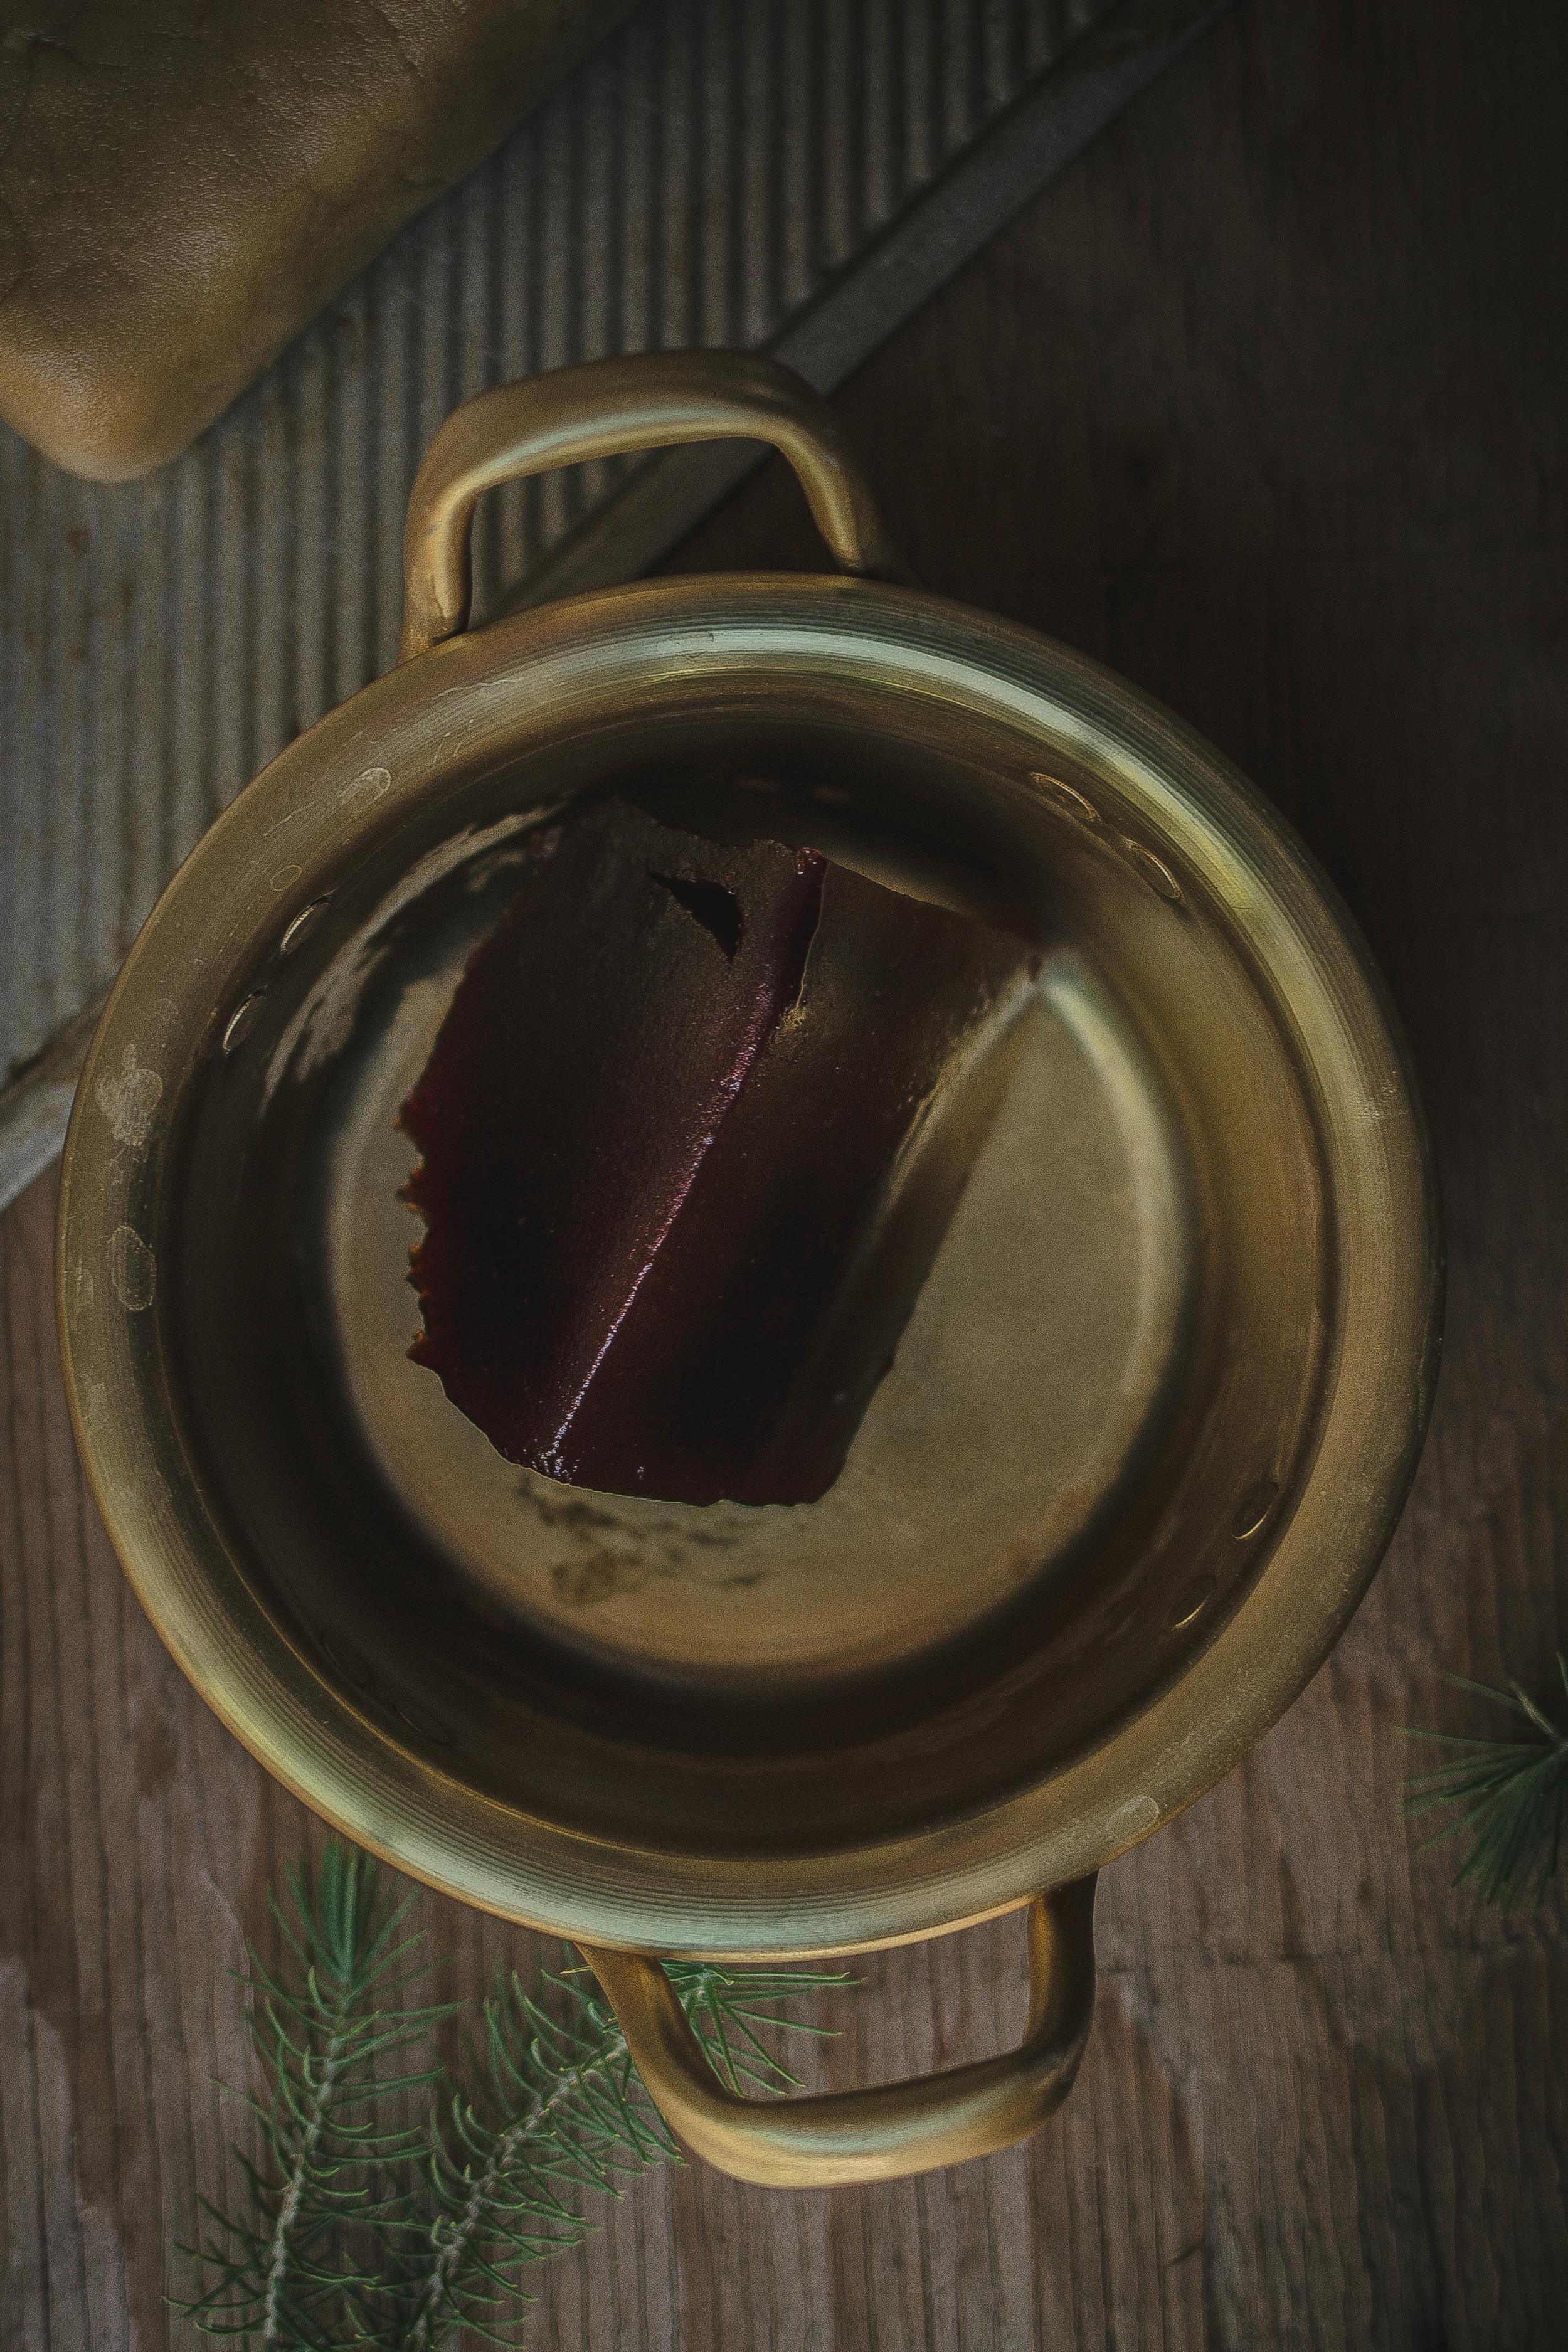 Dulce de membrillo--Quince Jam filling | by fit for the soul